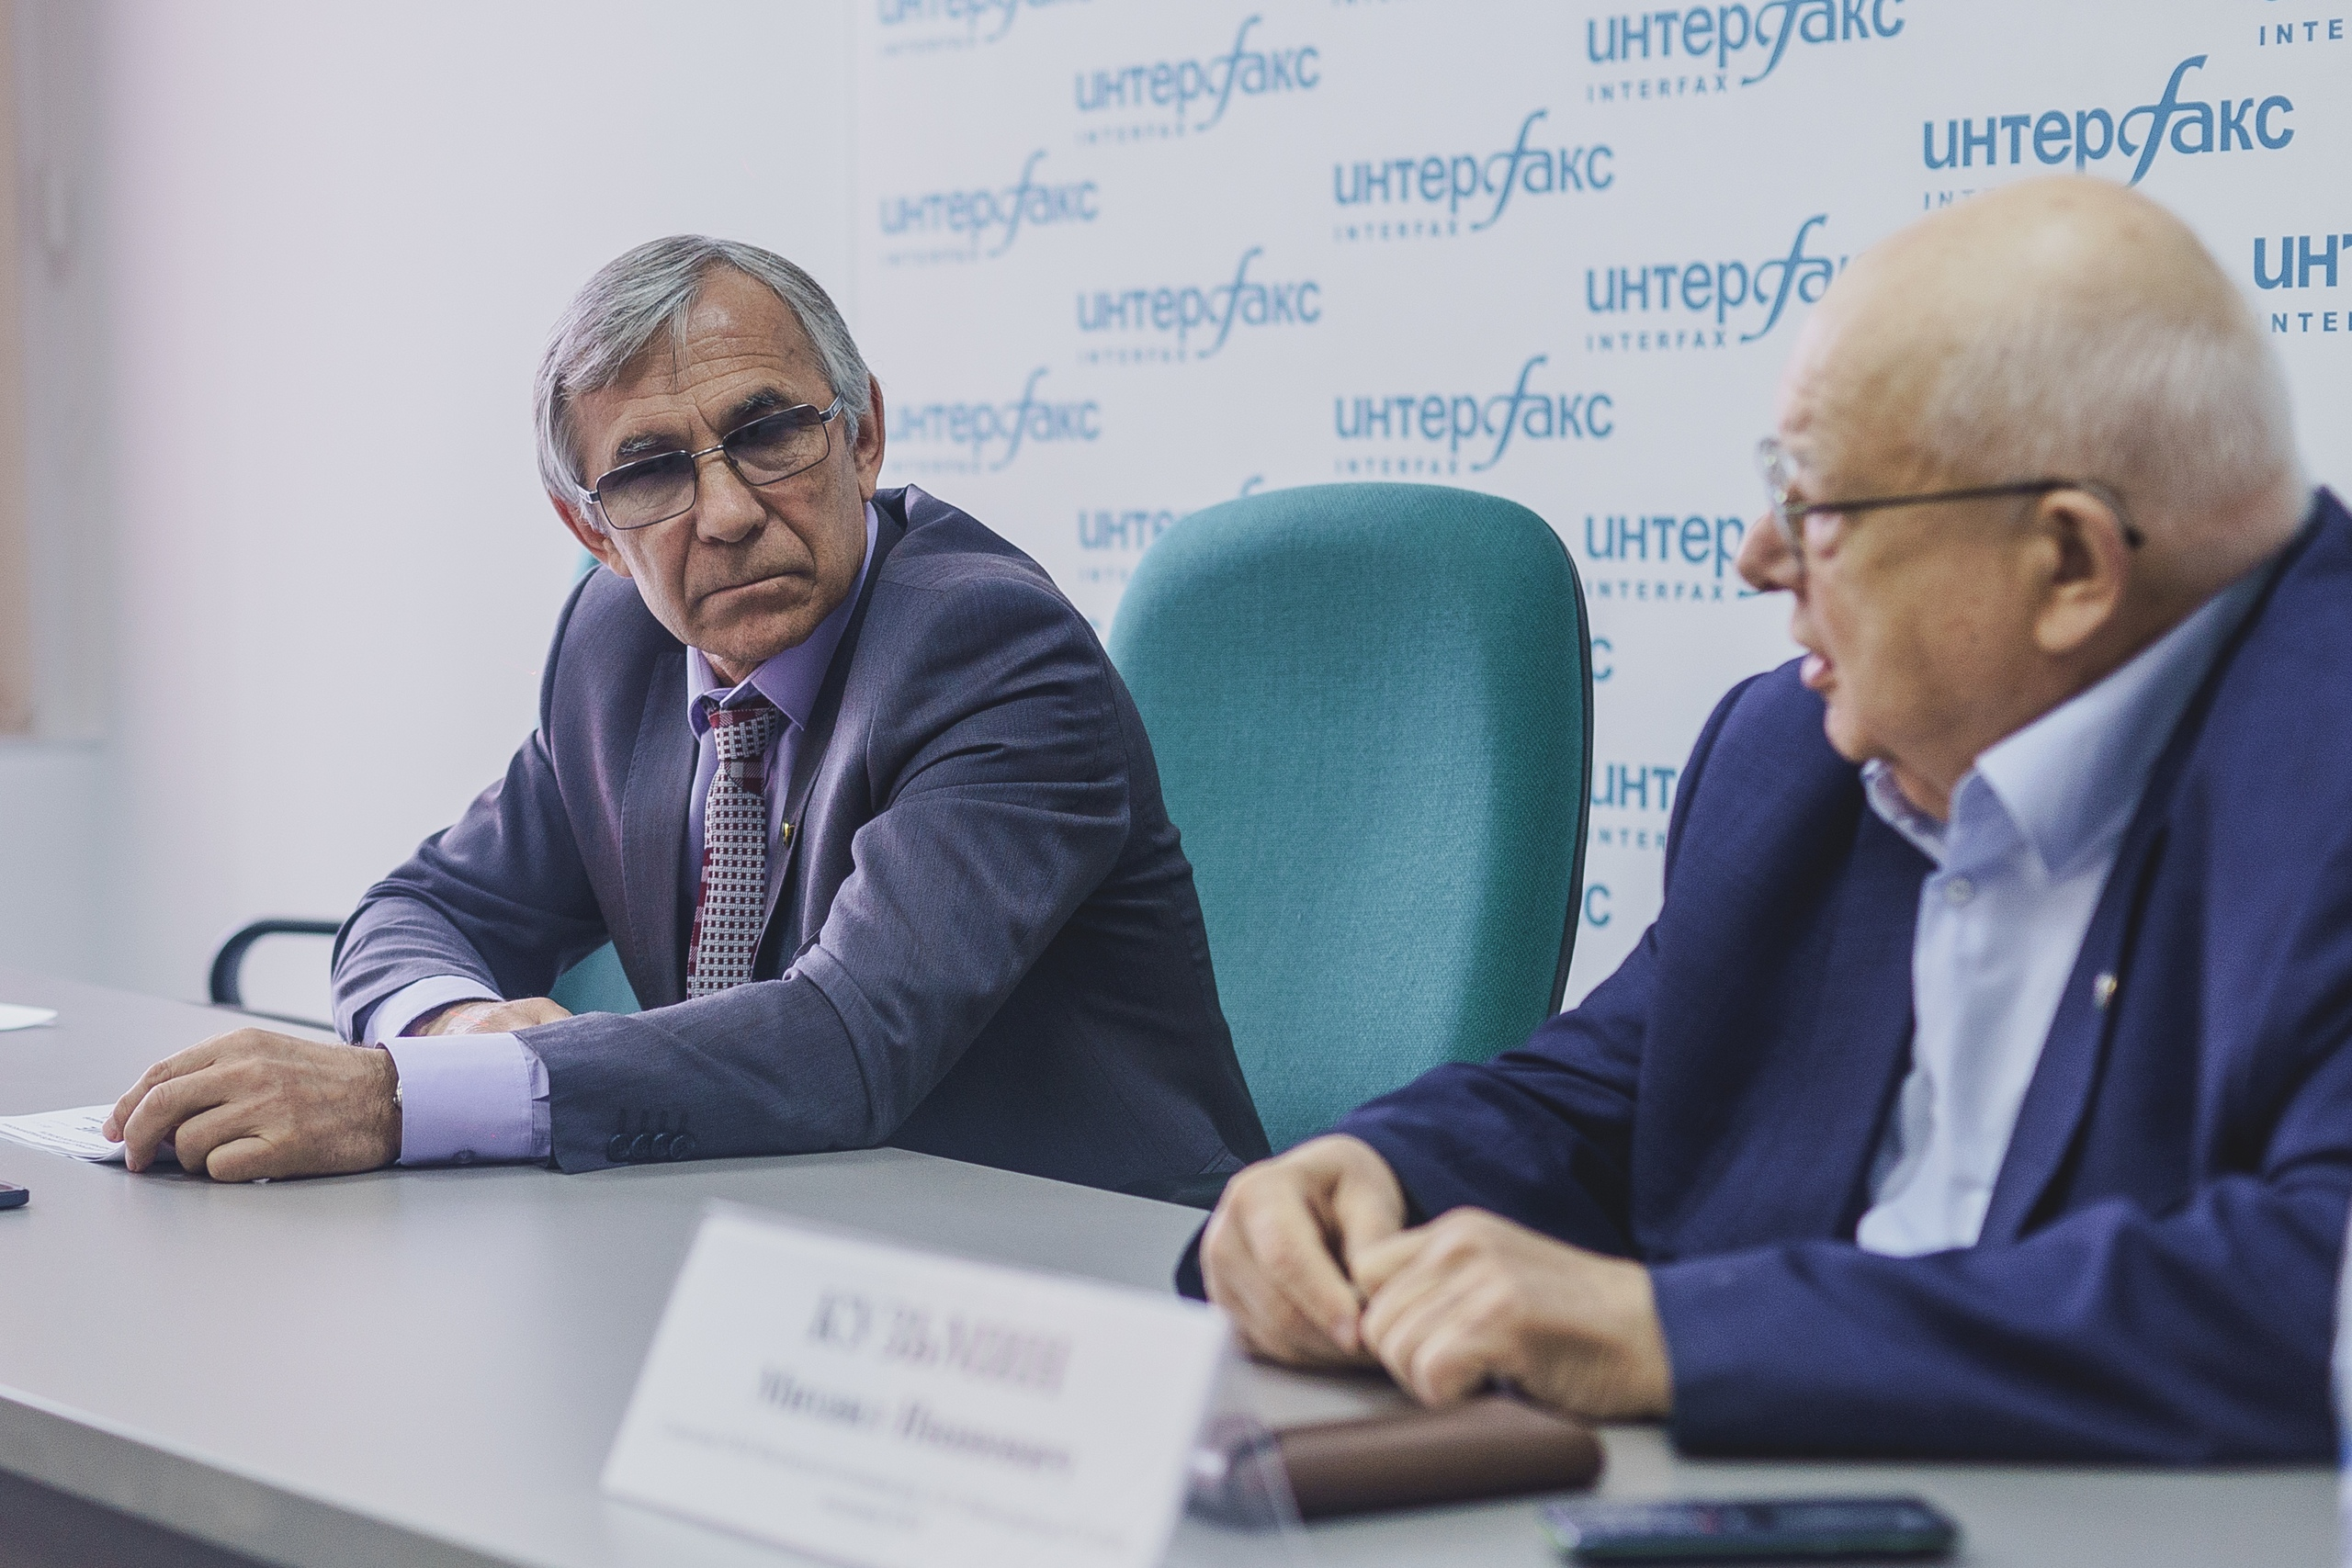 Иркутские учёные рассказали об основных целях Общего собрания научных работников и Объединённого научного совета академических учреждений Приангарья